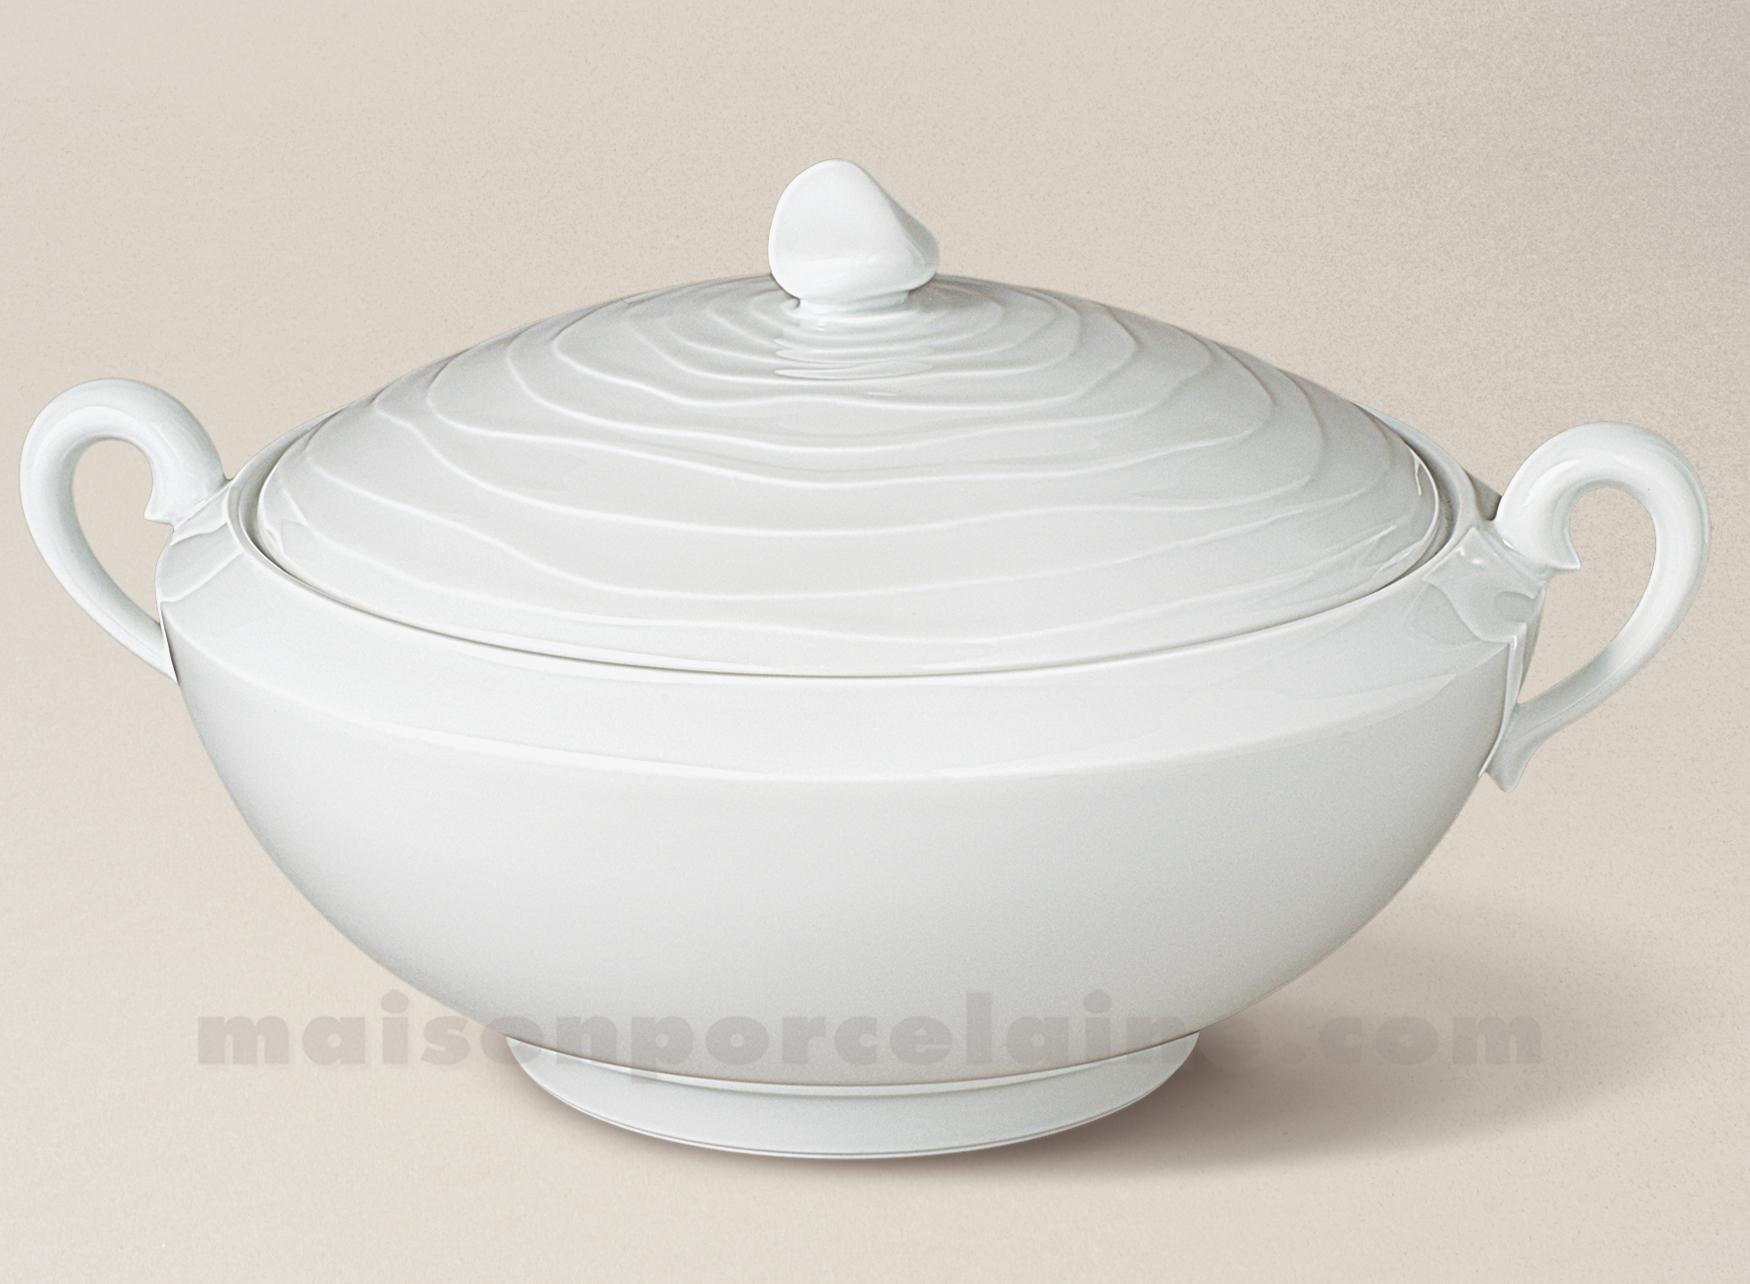 Soupiere limoges porcelaine blanche onde gravee maison de la porcelaine - La porcelaine blanche ...